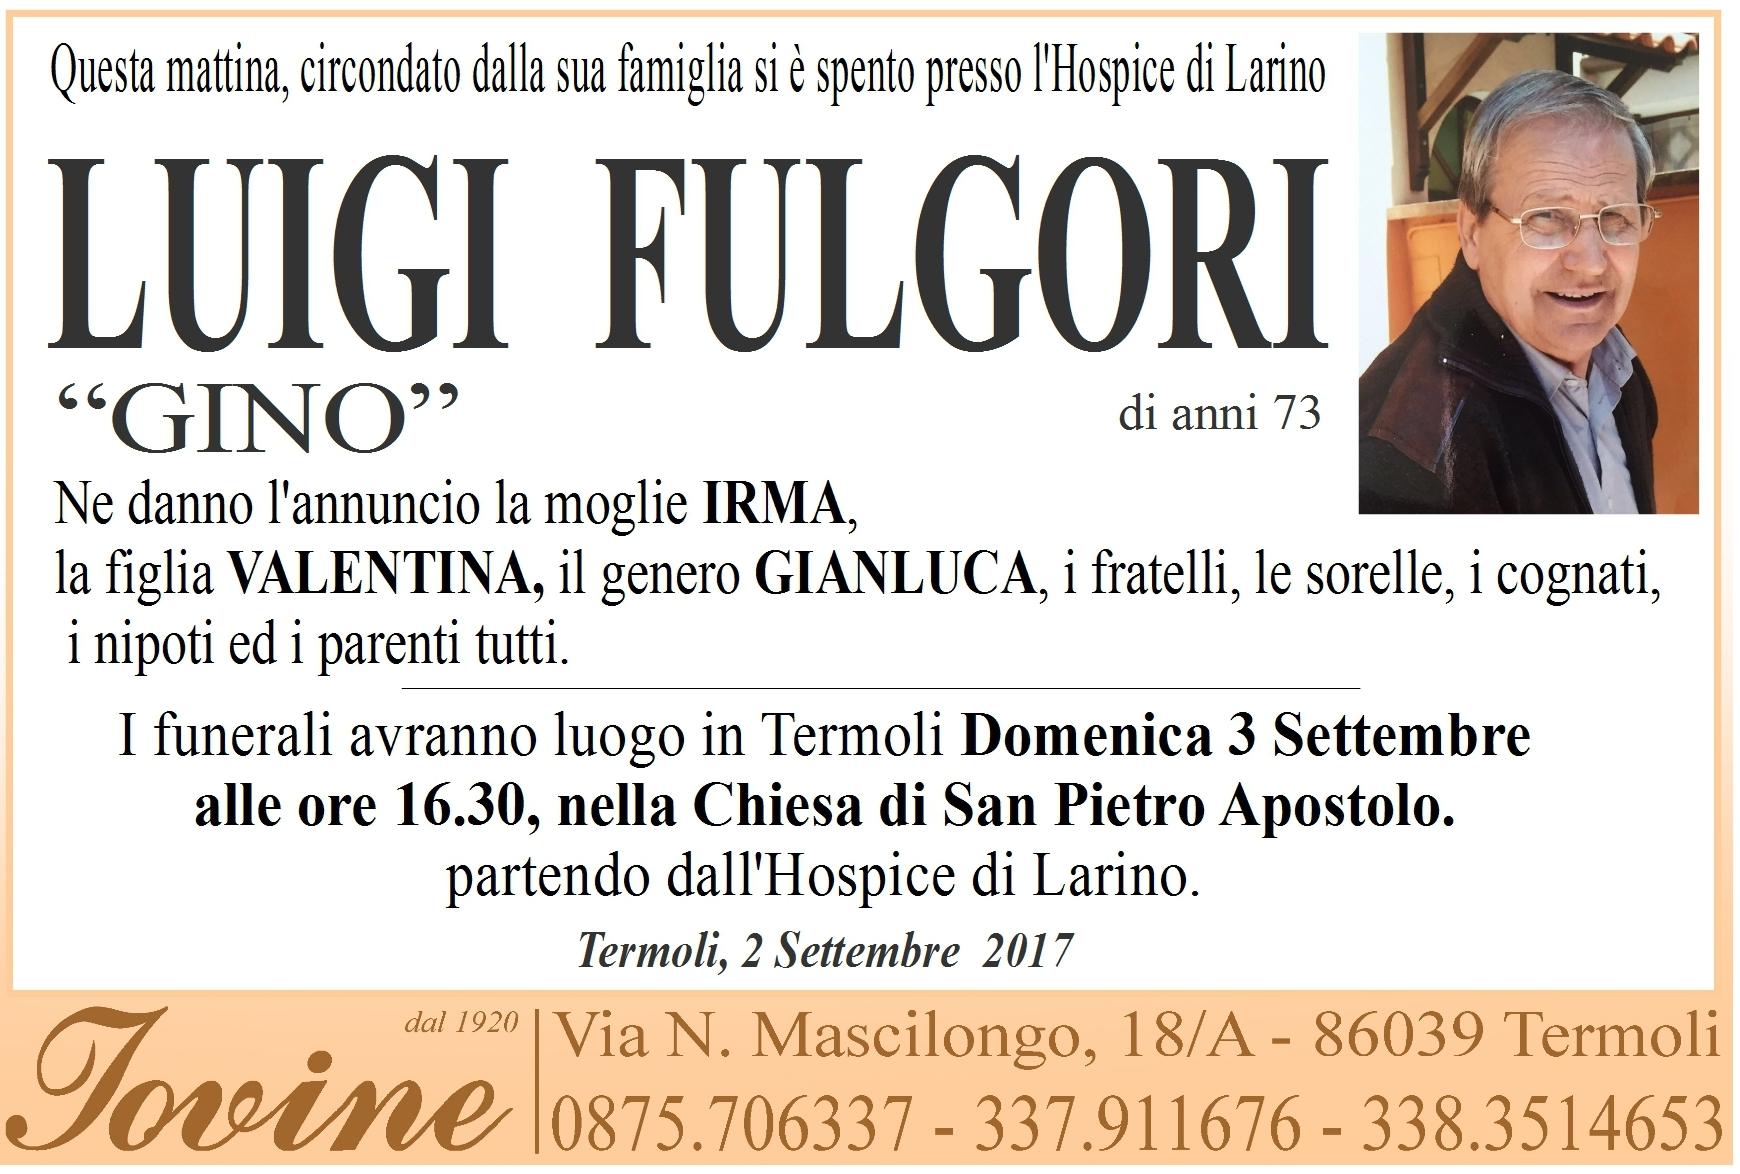 Luigi Fulgori, 02/09/2017, Termoli, Onoranze Funebri Iovine